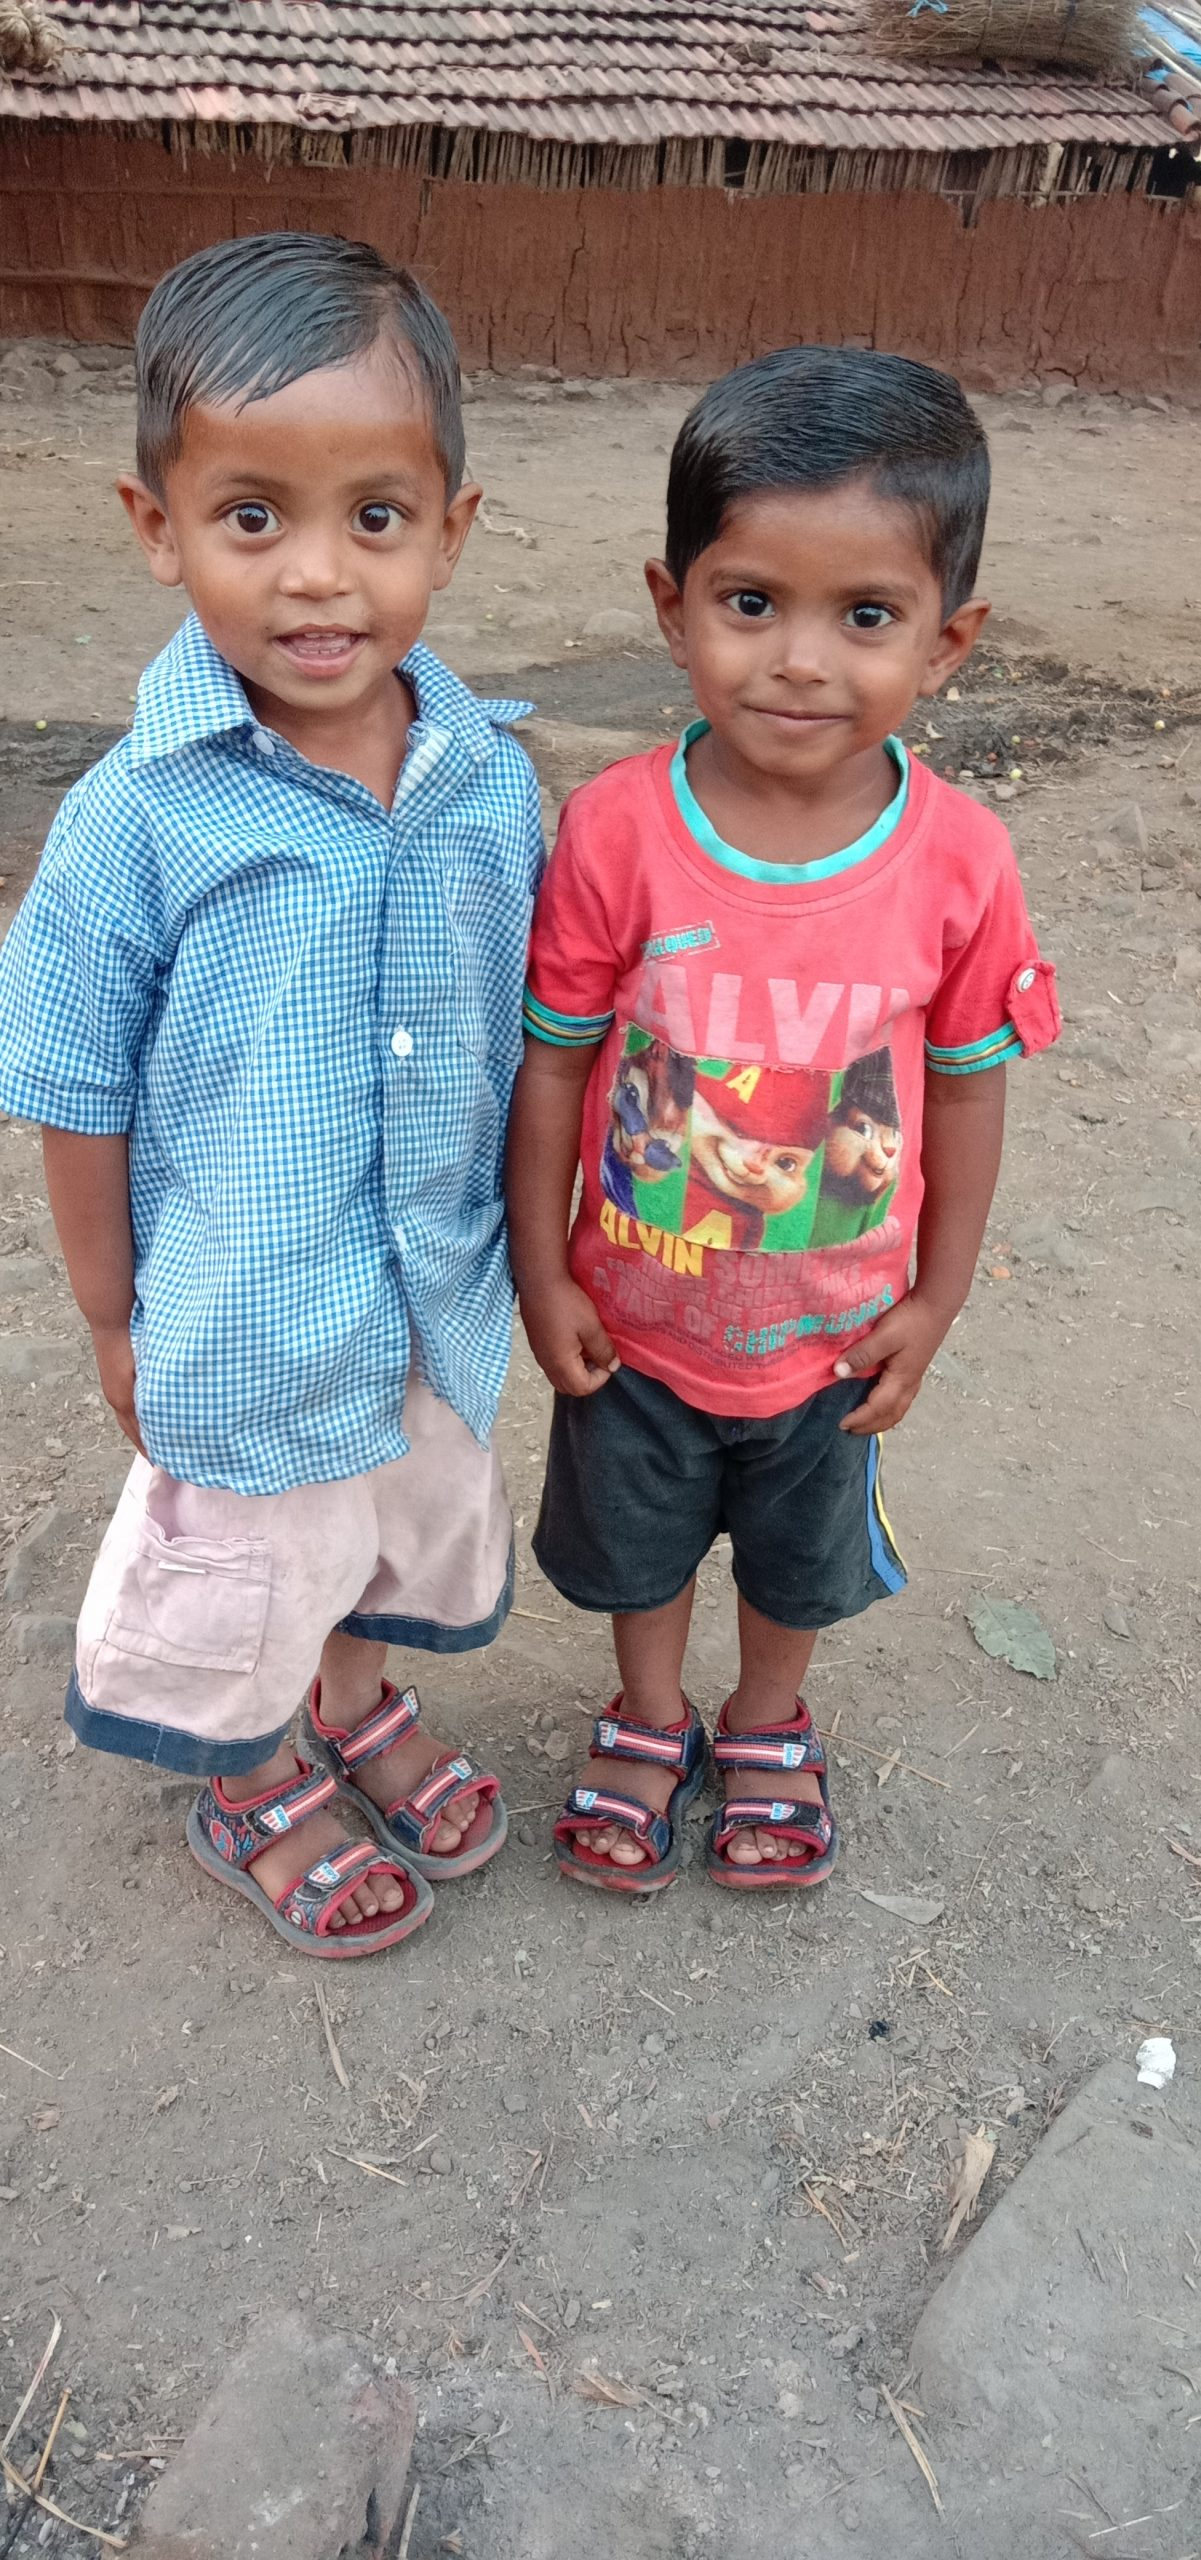 Two kids posing